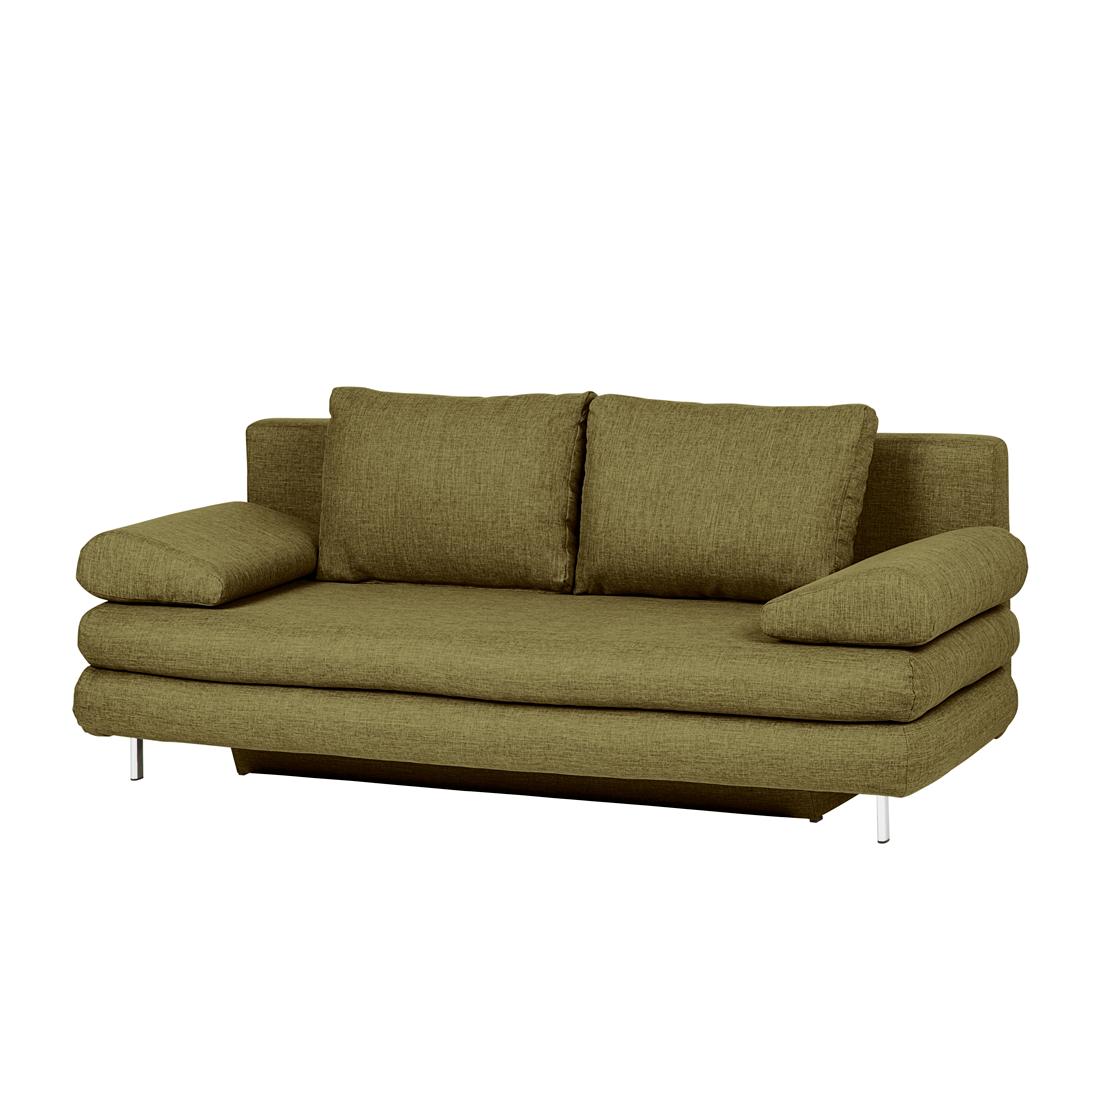 Schlafsofa webstoff gr n schlafcouch bettsofa sofa couch for Schlafsofa hochwertig